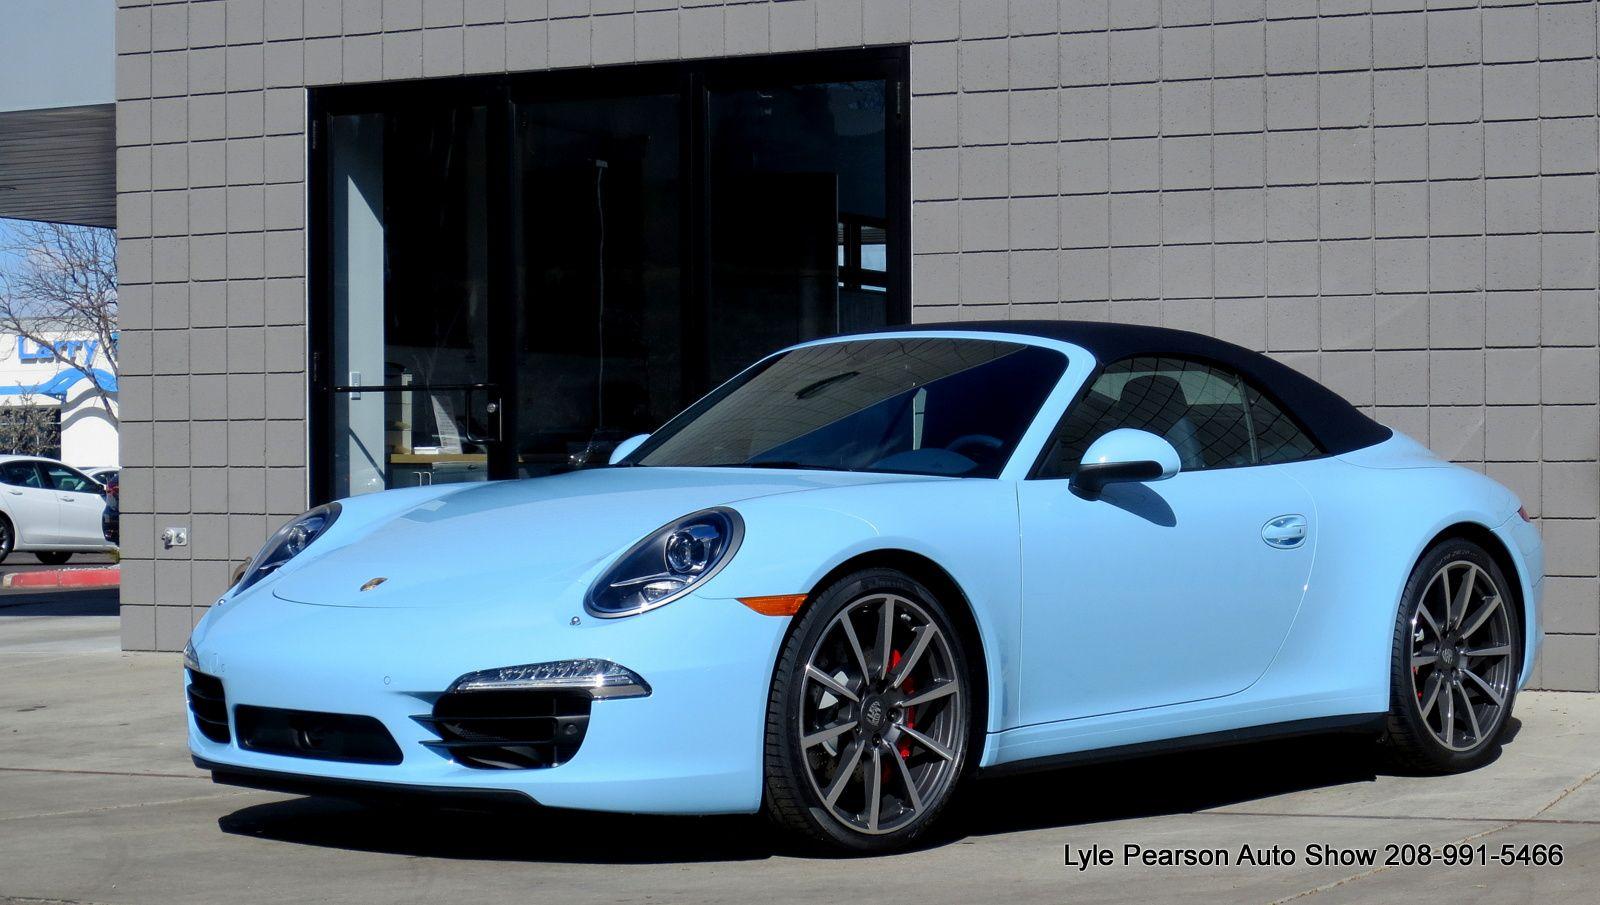 Porsche 9112 C4s Cabriolet In Paint To Sample Gulf Blue Porsche 911c4s 911cabriolet Porsche Cabrio Porsche 991 Porsche